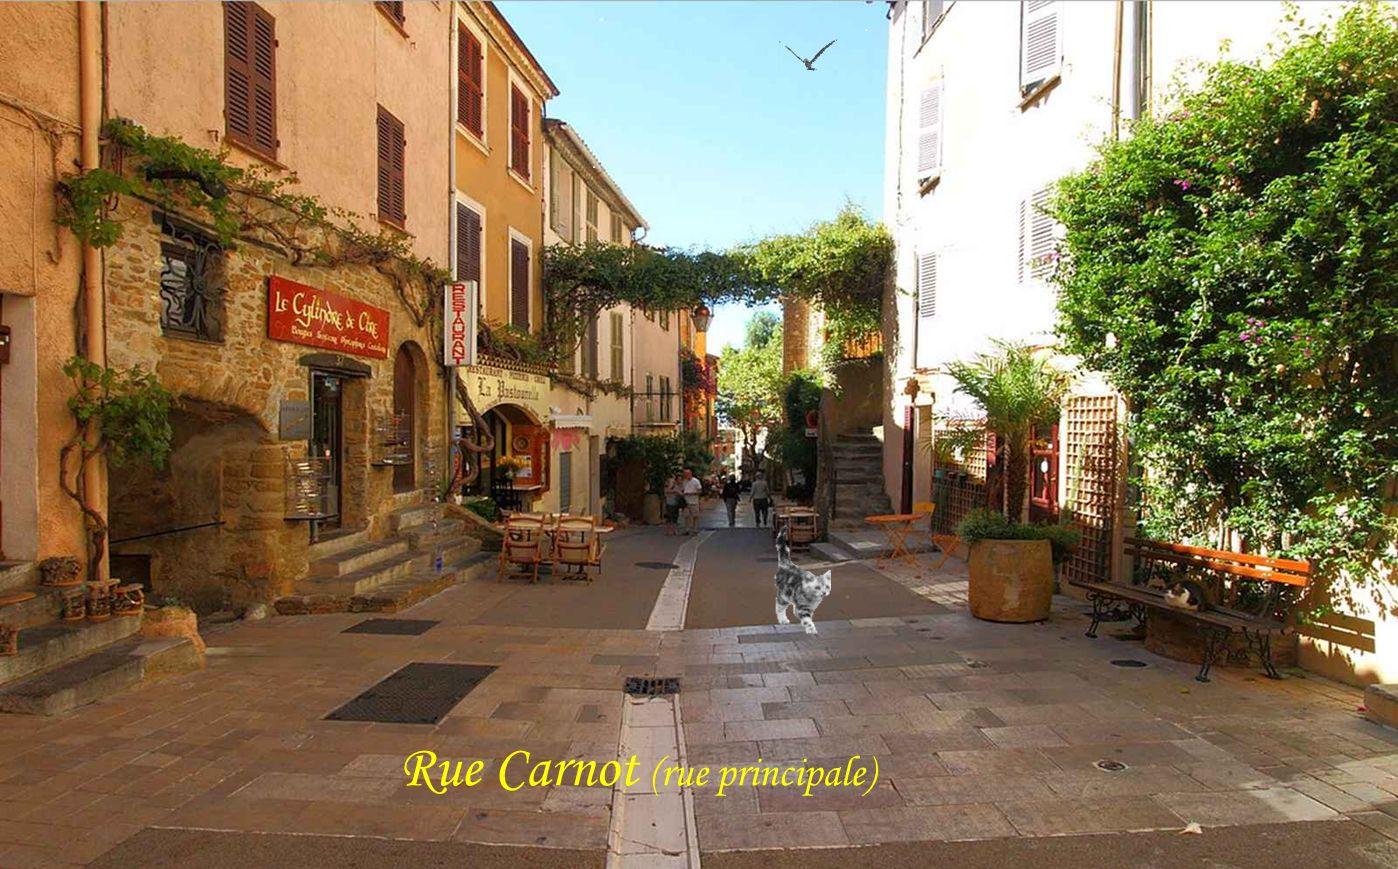 Rue Carnot (rue principale)